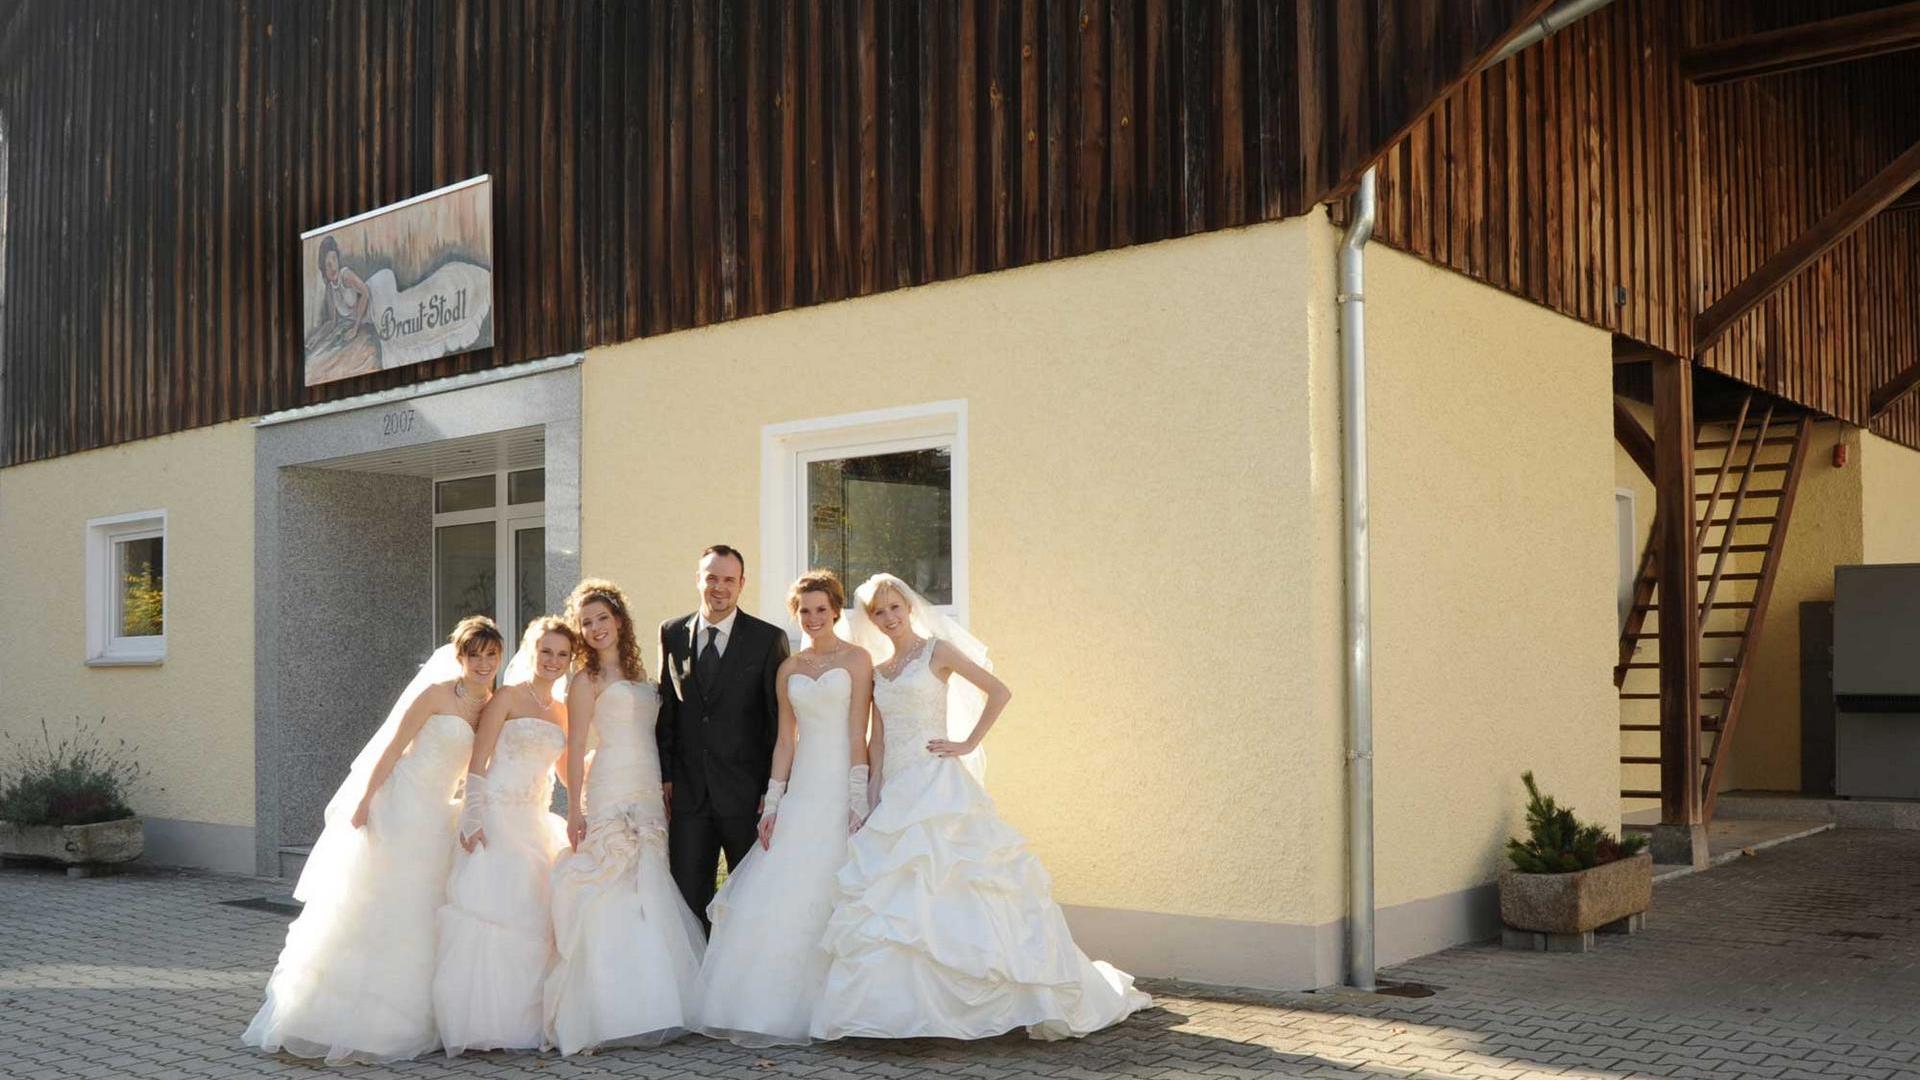 Unser Service | Brautstodl Weiden